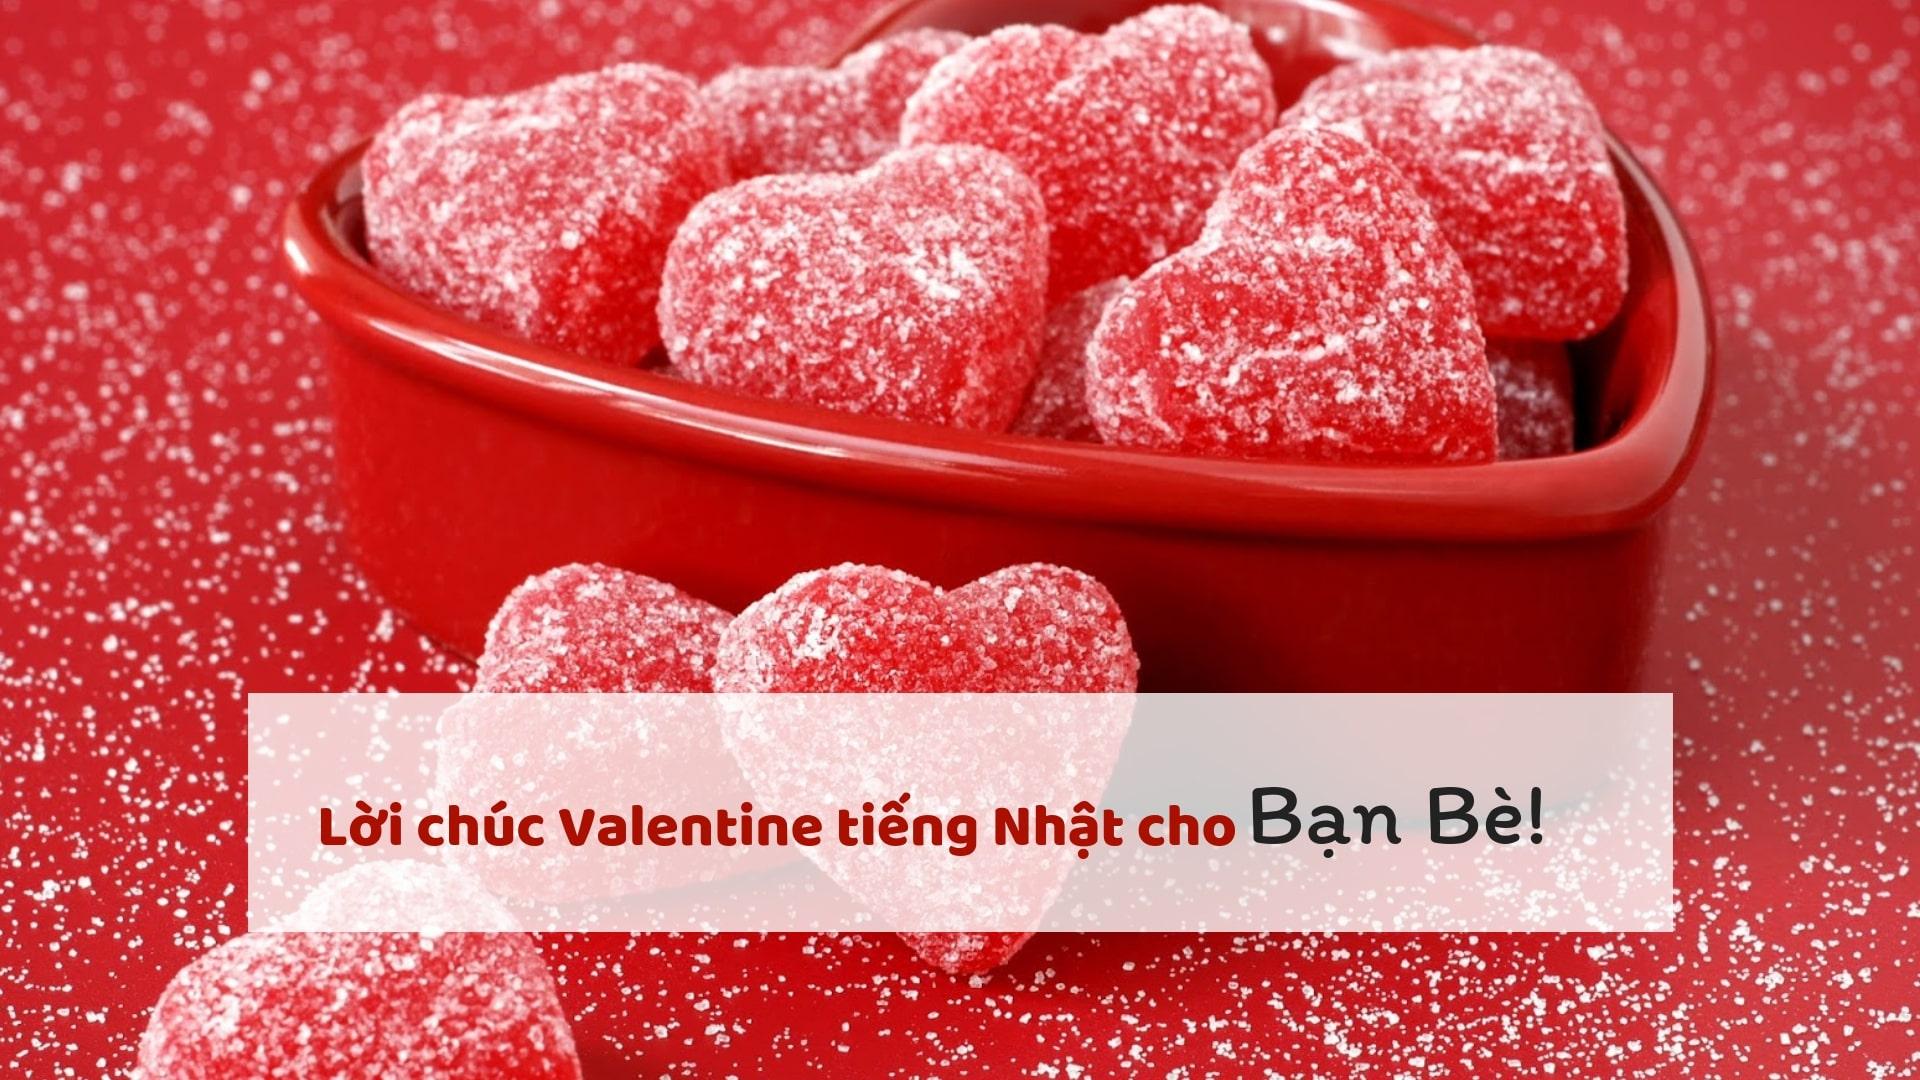 Top 10 lời chúc dịp Valentine bằng tiếng Nhật lãng mạn nhất!